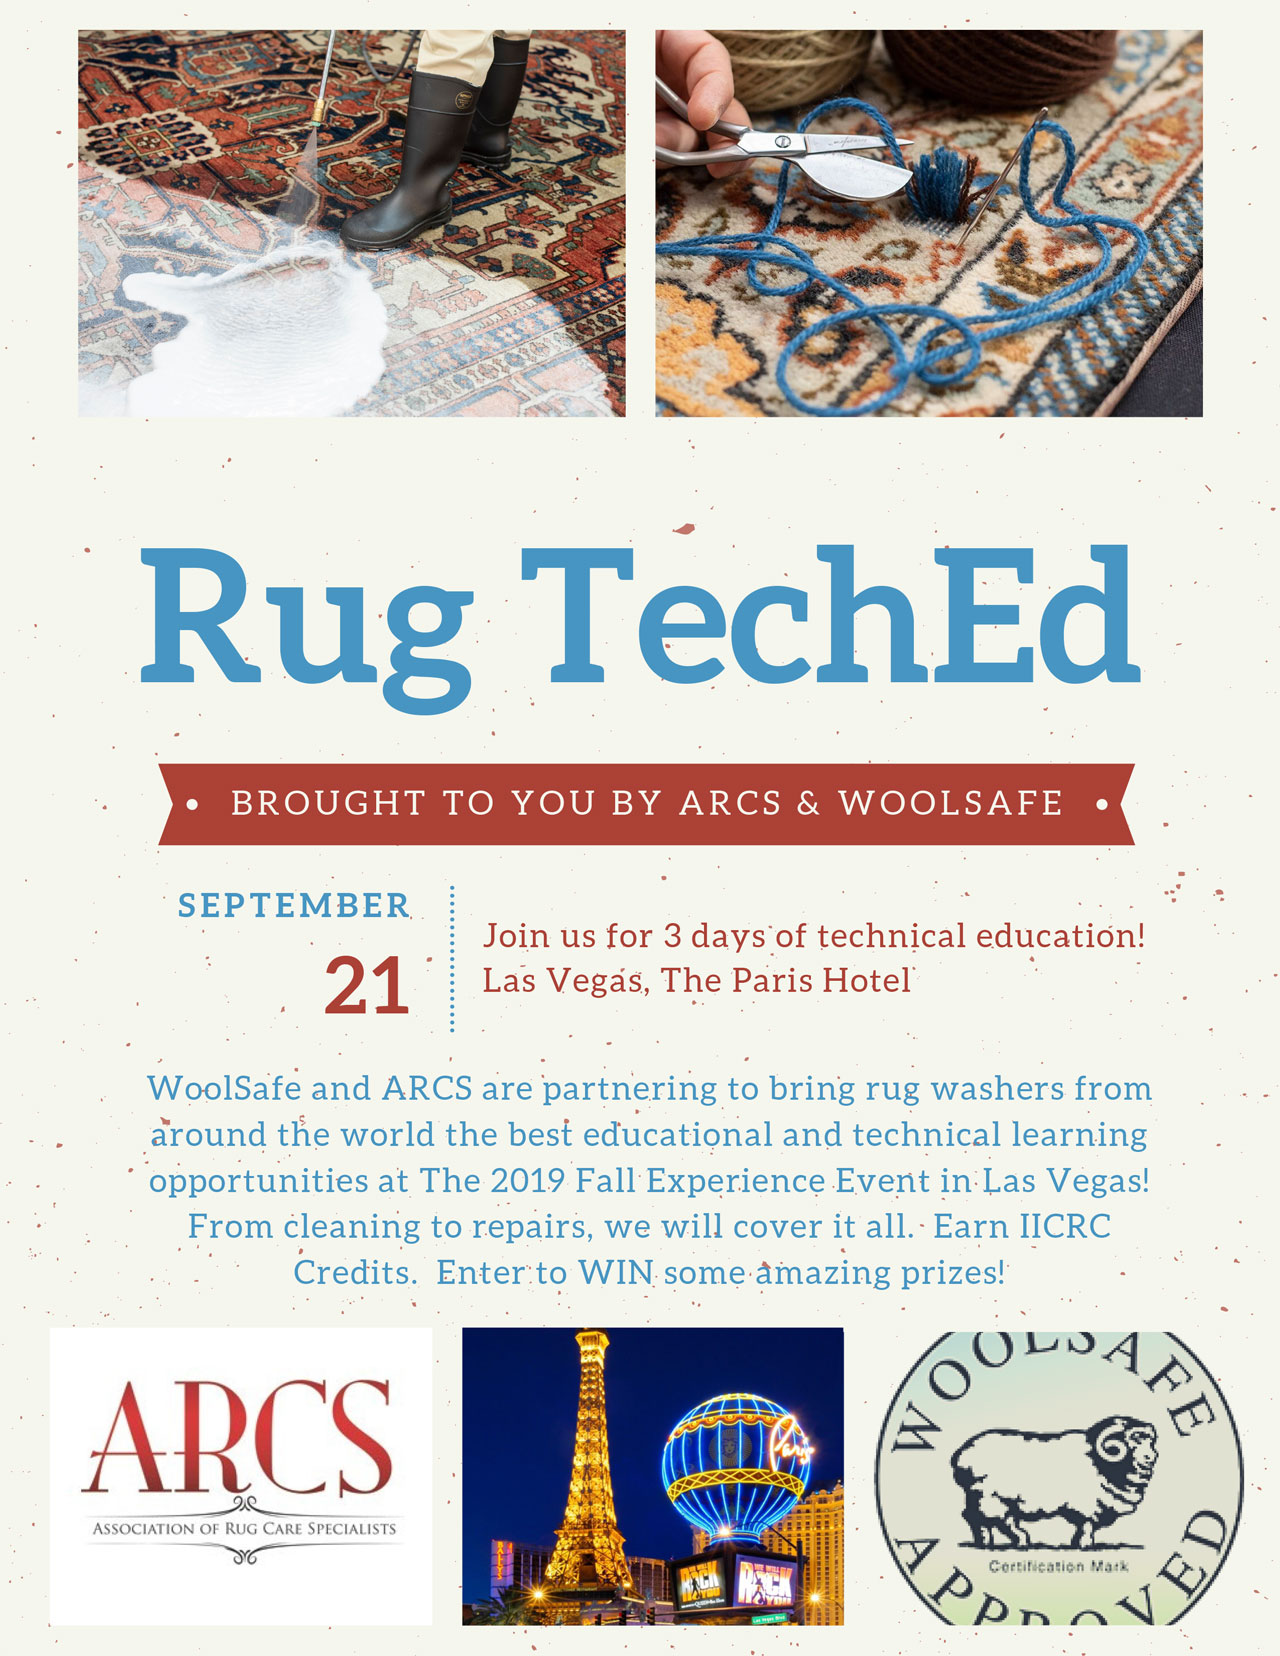 Rug-TechEd1.jpg